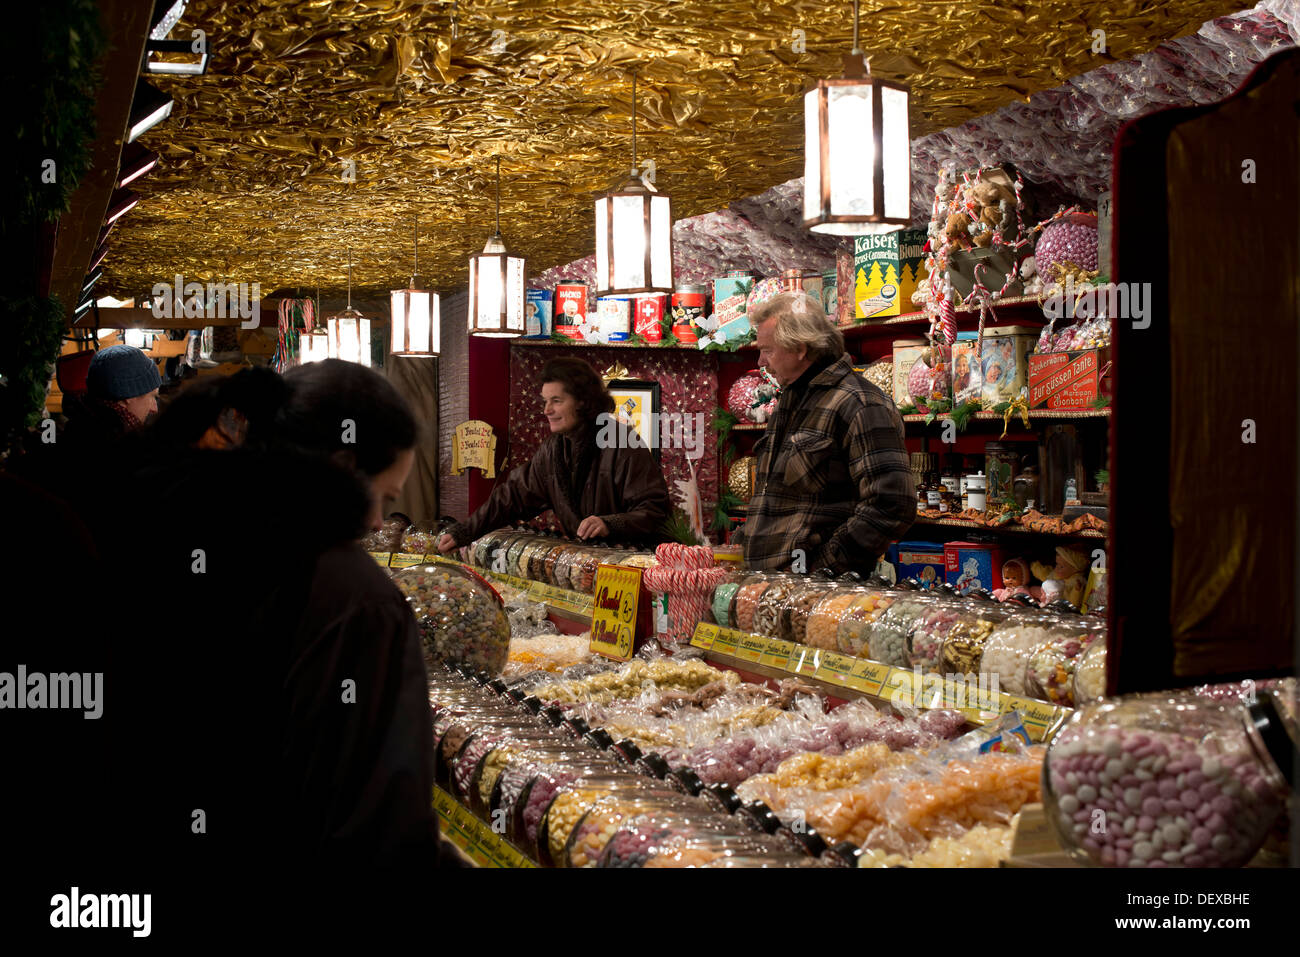 Famous Christmas market in Nuremberg in the evening. Abendstimmung auf dem  Nürnberger Weihnachtsmarkt Stock Photo